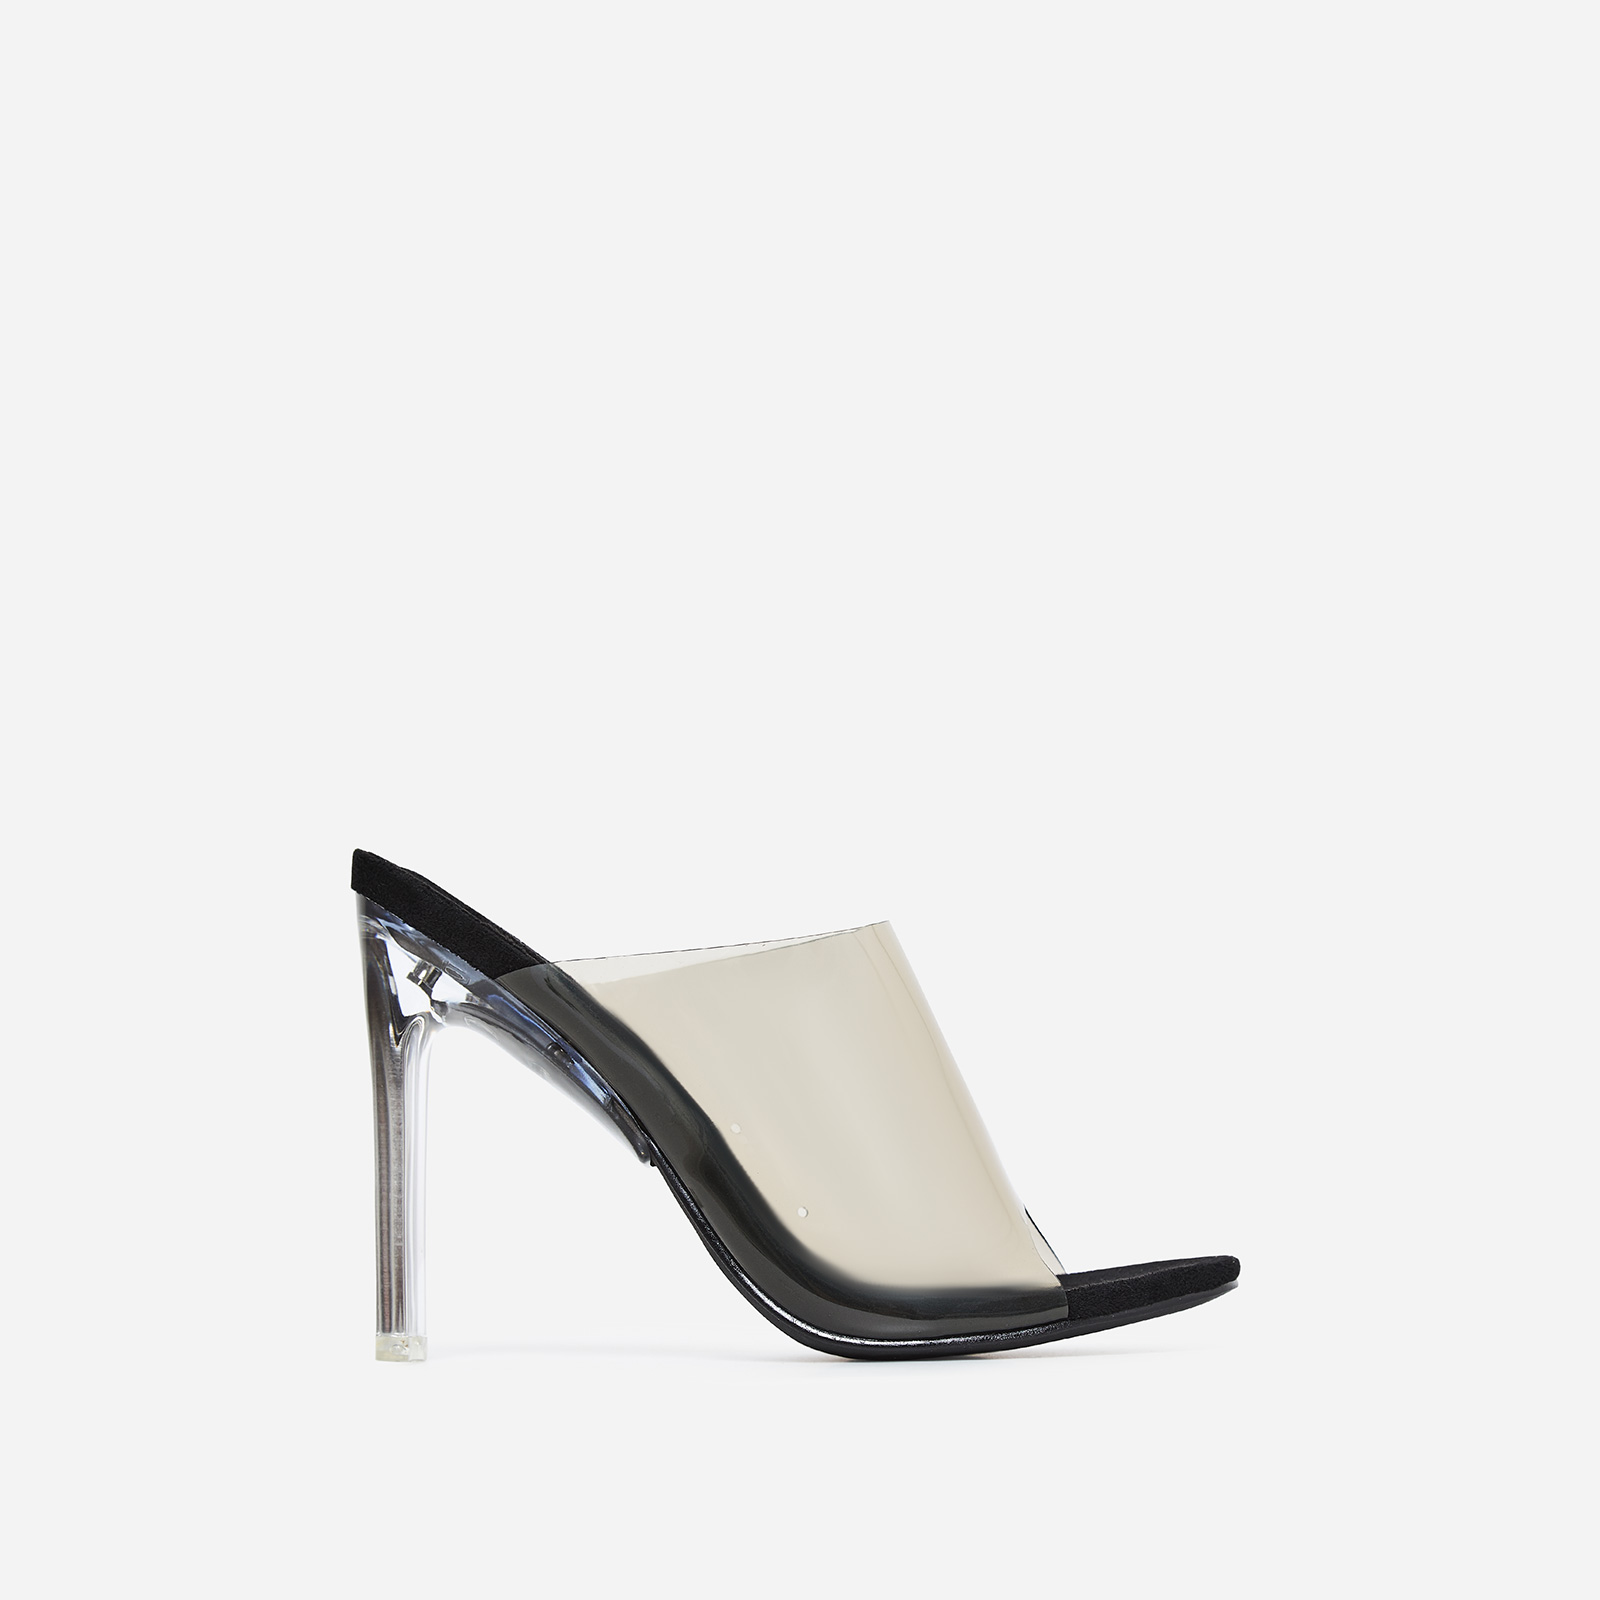 Theory Peep Toe Flat Perspex Heel Mule In Black Faux Suede